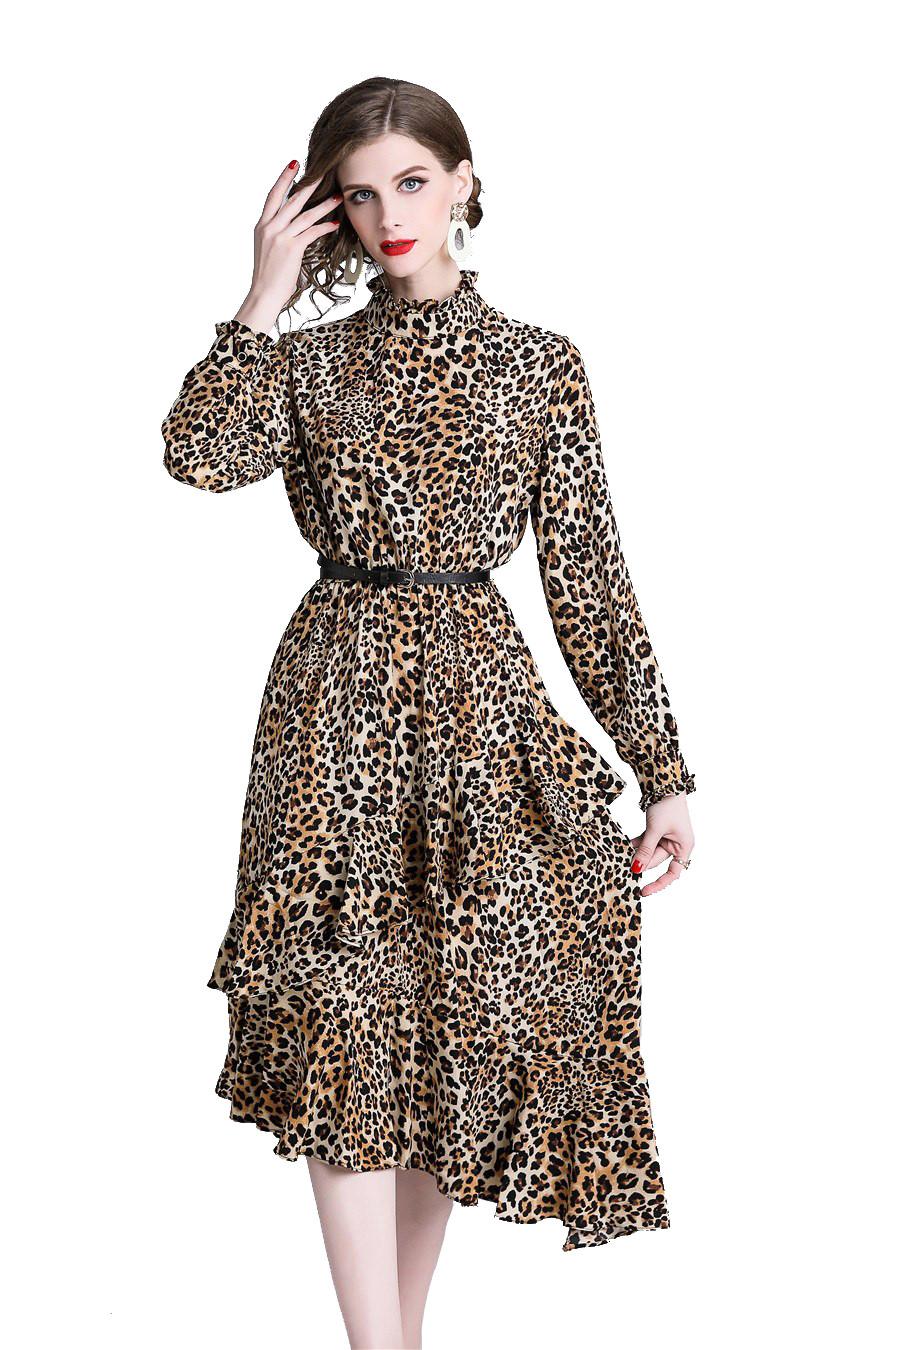 M689-99 Rochia asimetrica cu imprimeu leopard